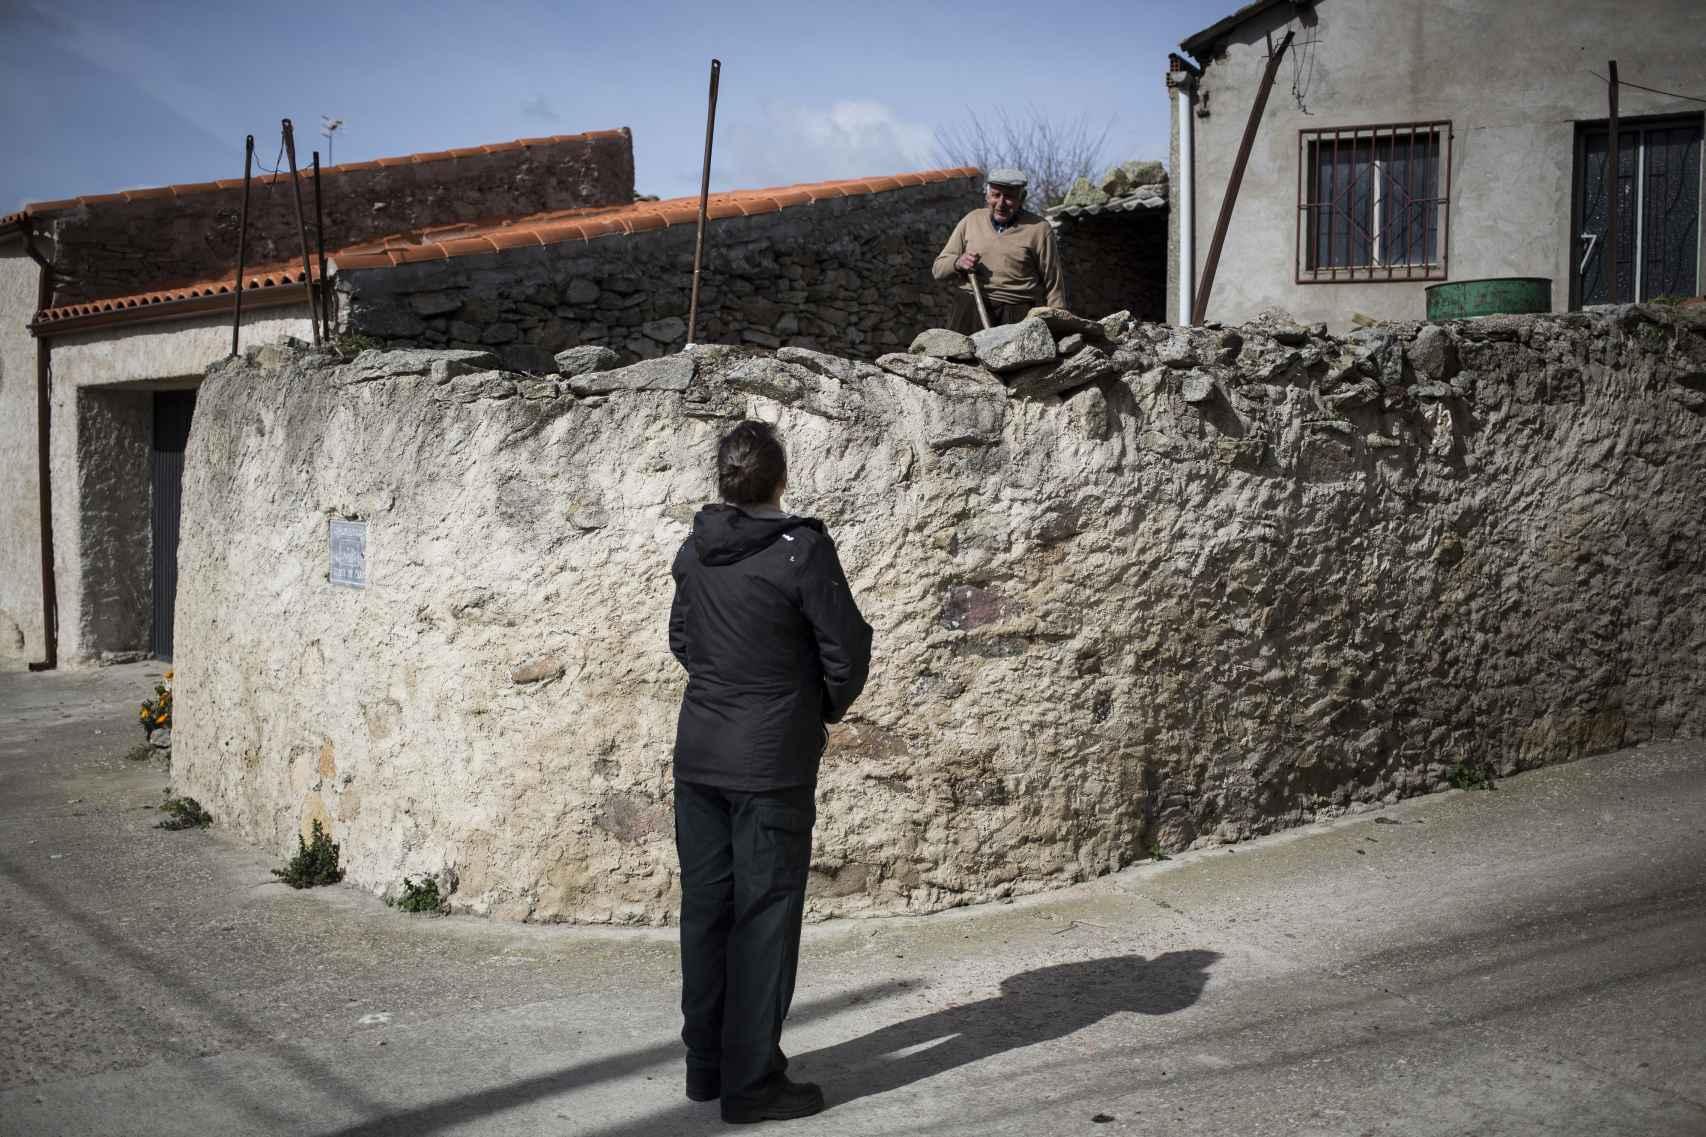 Alicia Sánchez, guardia civil, saludando a un vecino en Monleras (Salamanca).